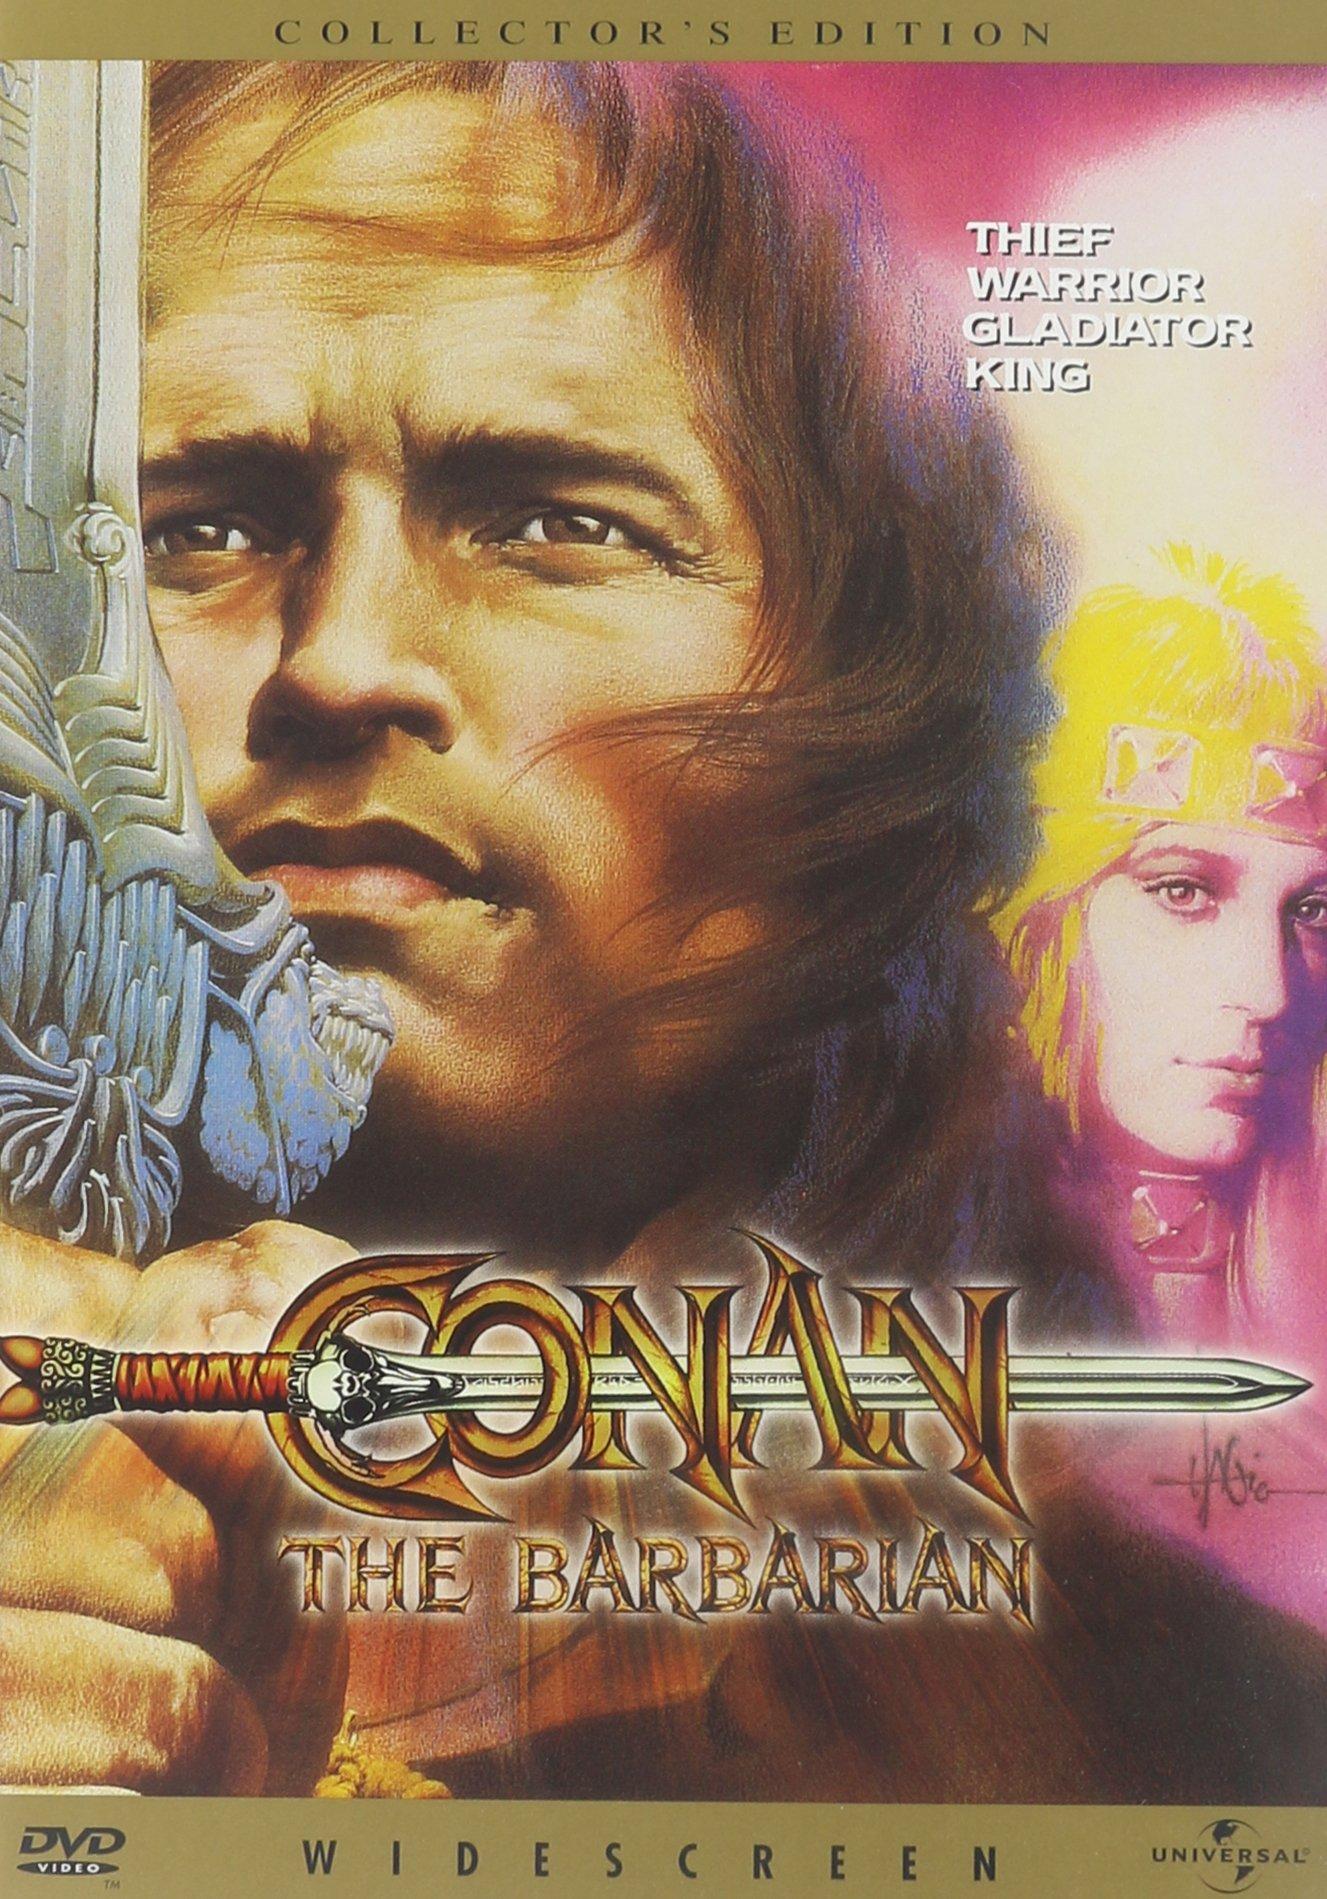 DVD : Conan the Barbarian (Collector's Edition, Widescreen)